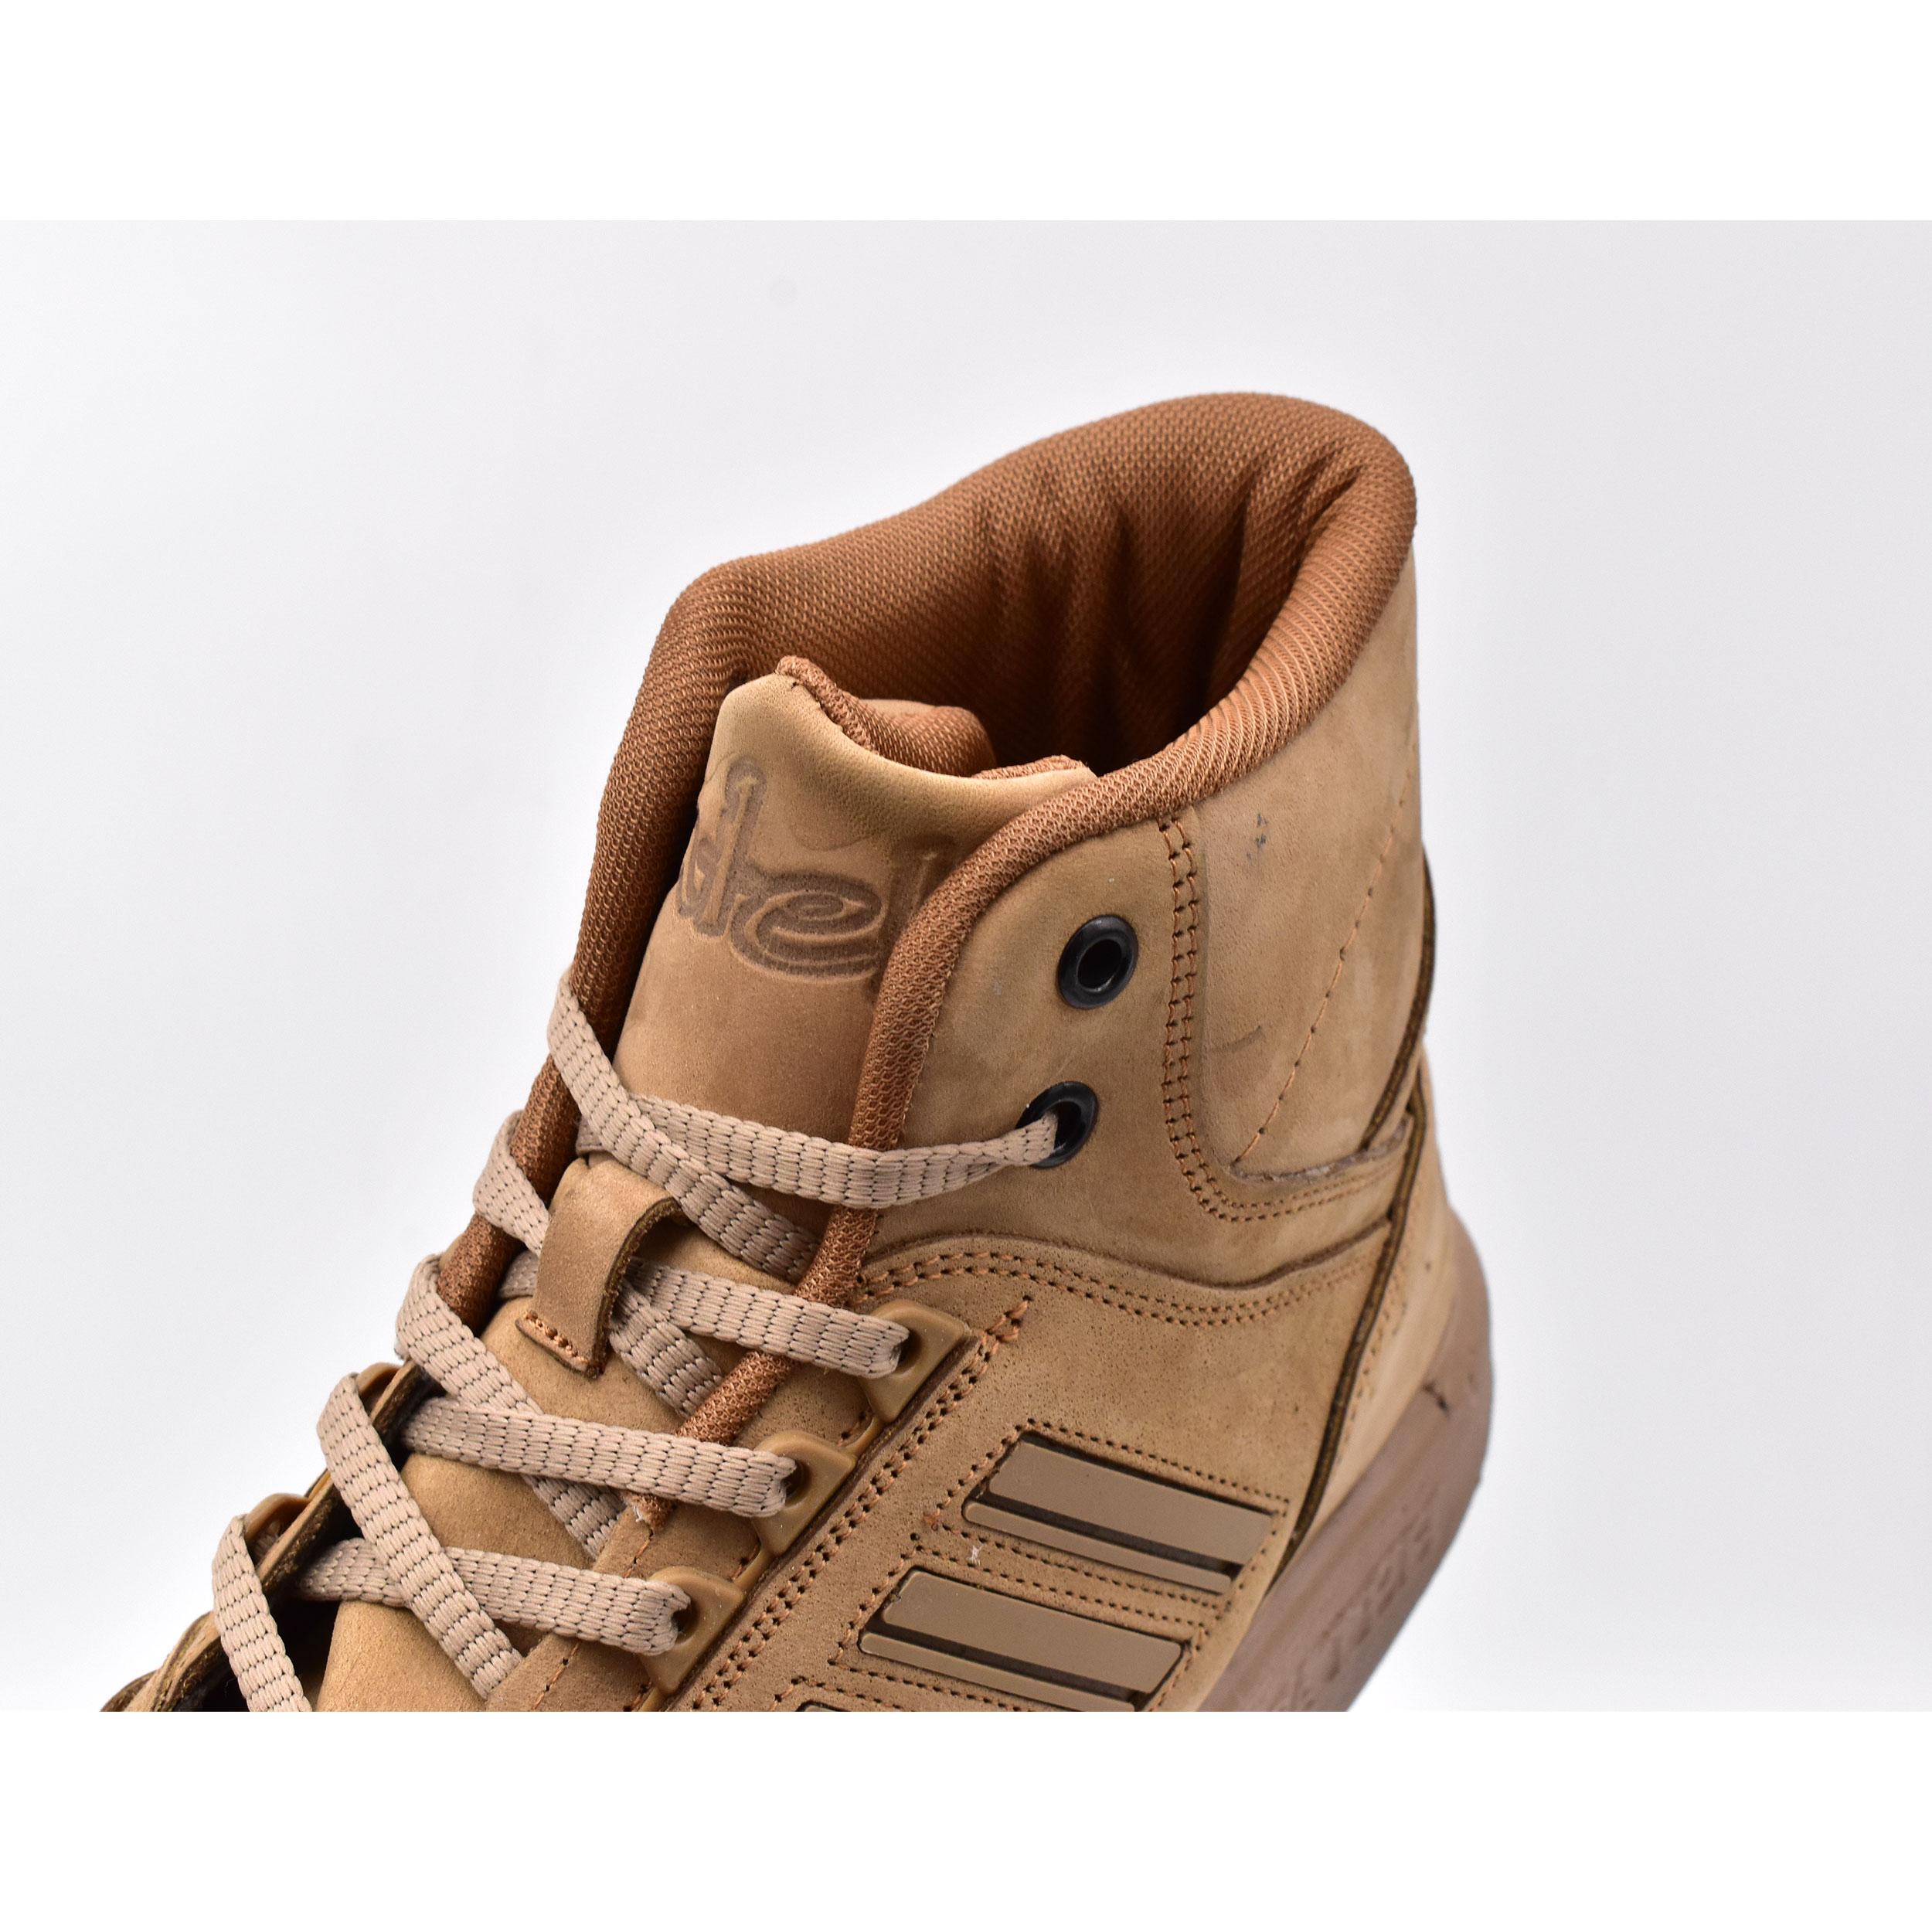 کفش طبیعت گردی مردانه فاتح مدل سنتر کد 8296 main 1 5